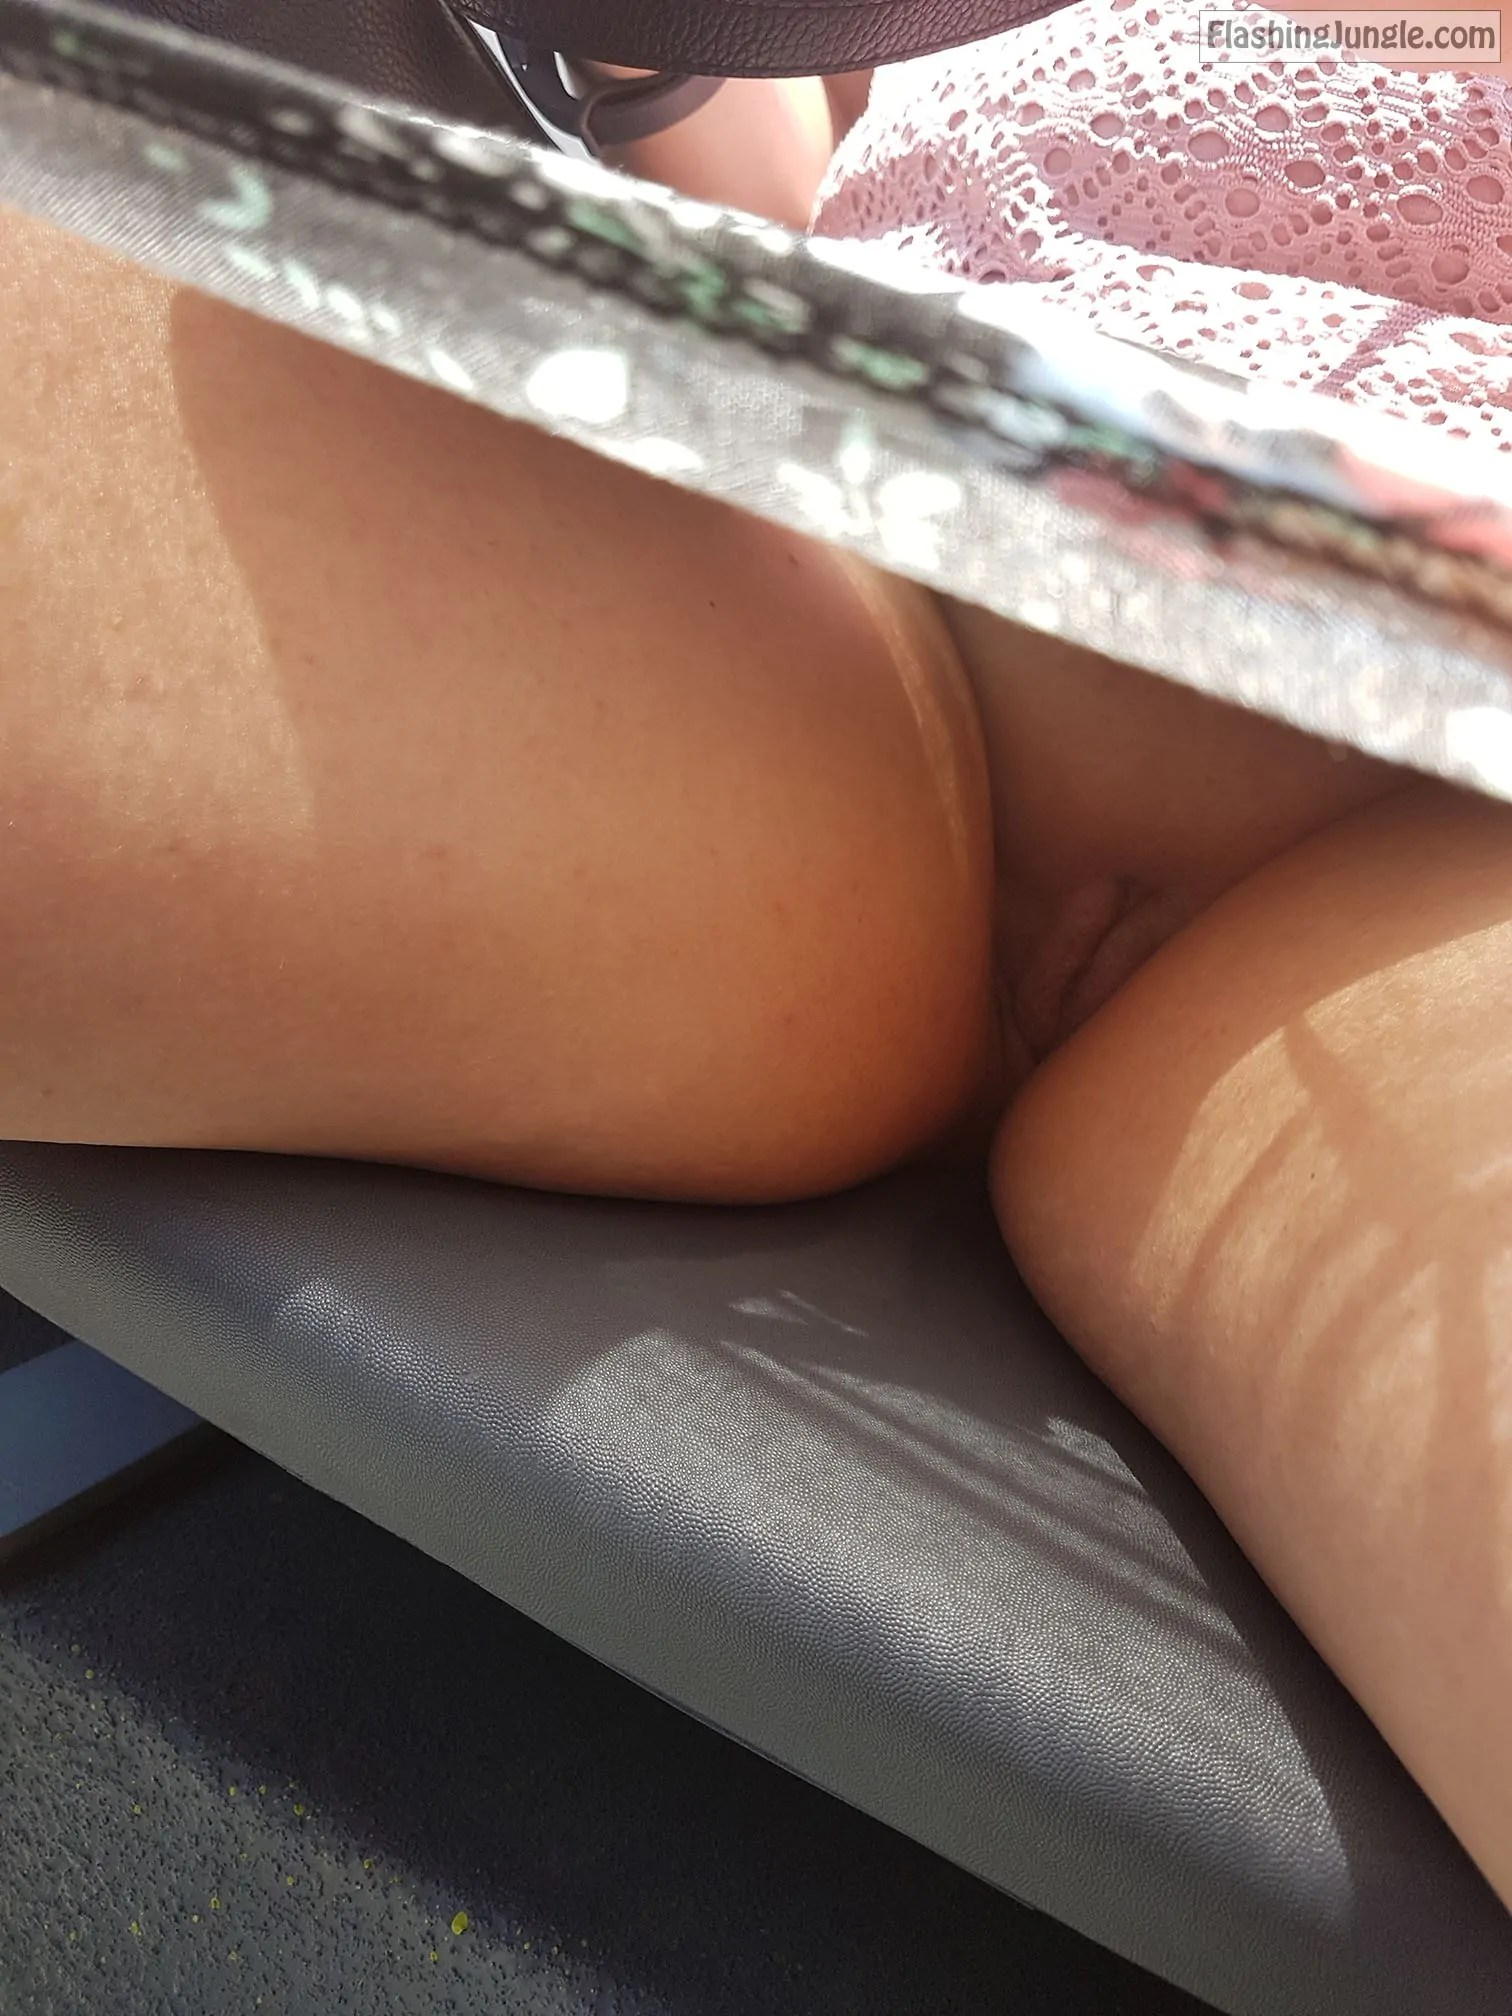 wet in public tumblr